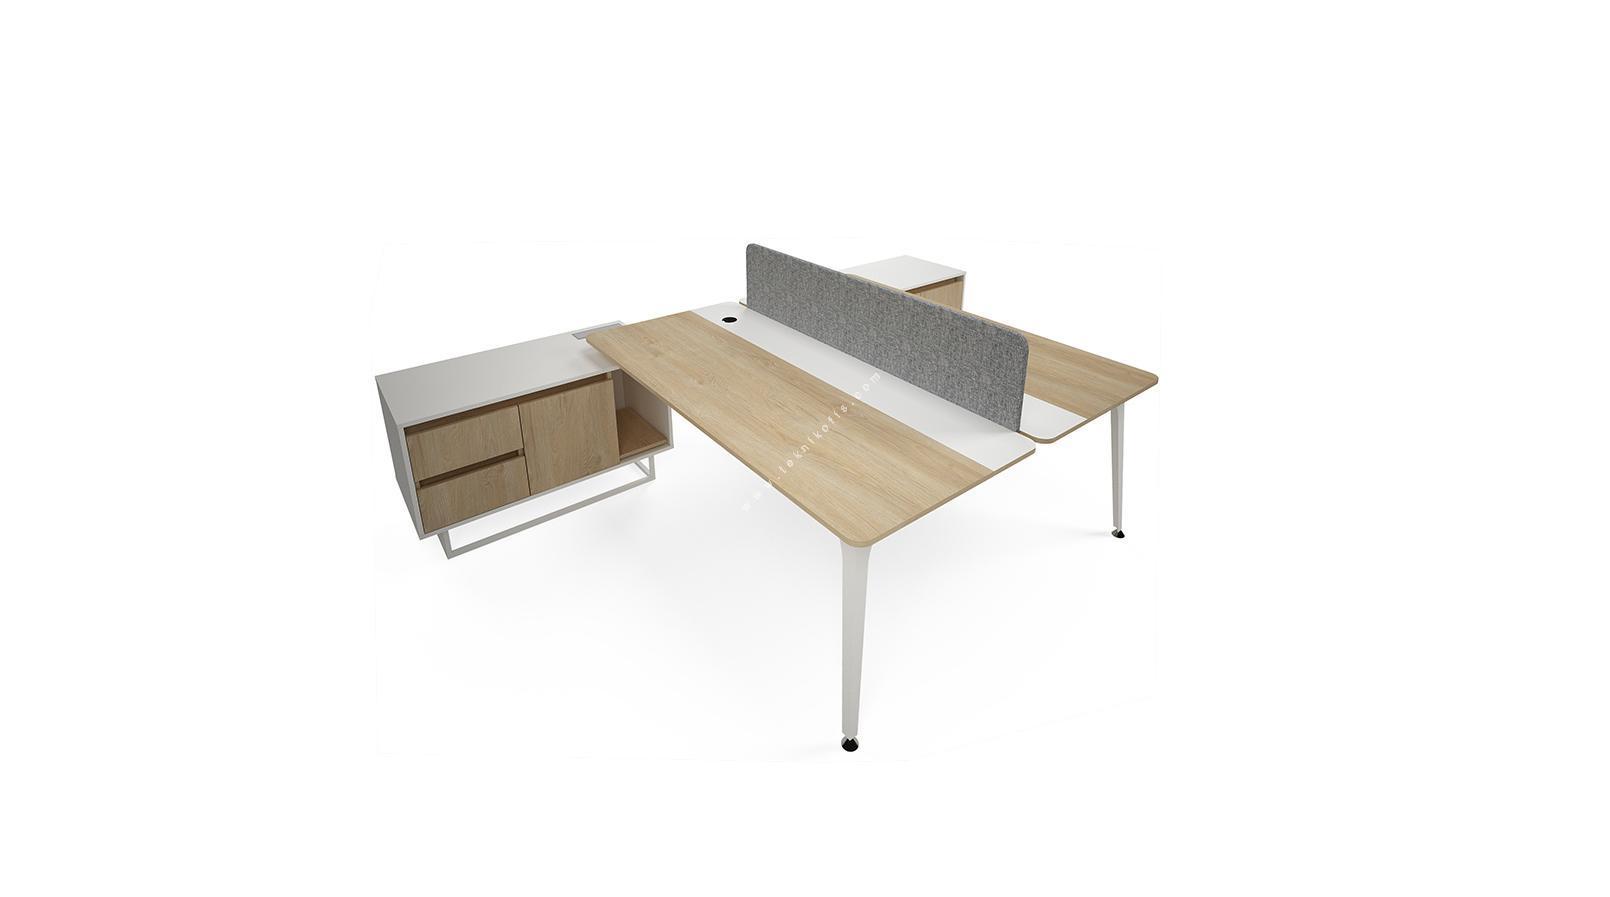 centrawork kumaş seperatör ikili etajerli  personel masası 180cm